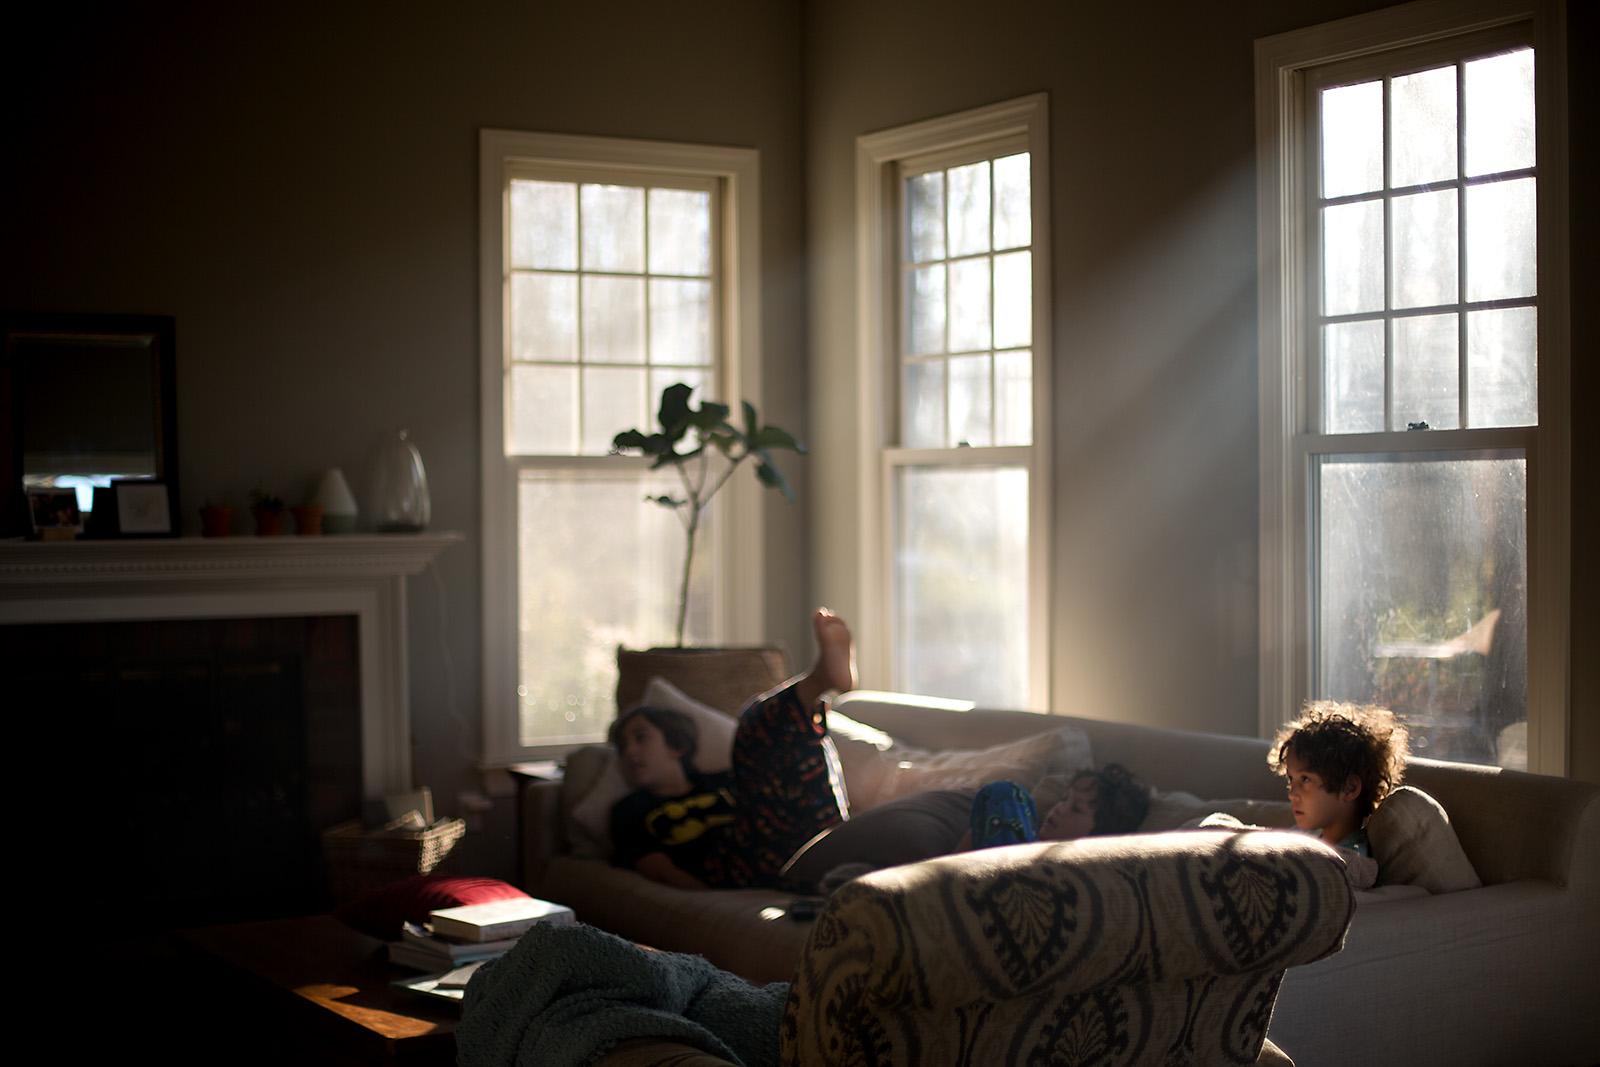 Вітальня, ранній ранок, південне та східне вікна (спеціально недоекспонований кадр)